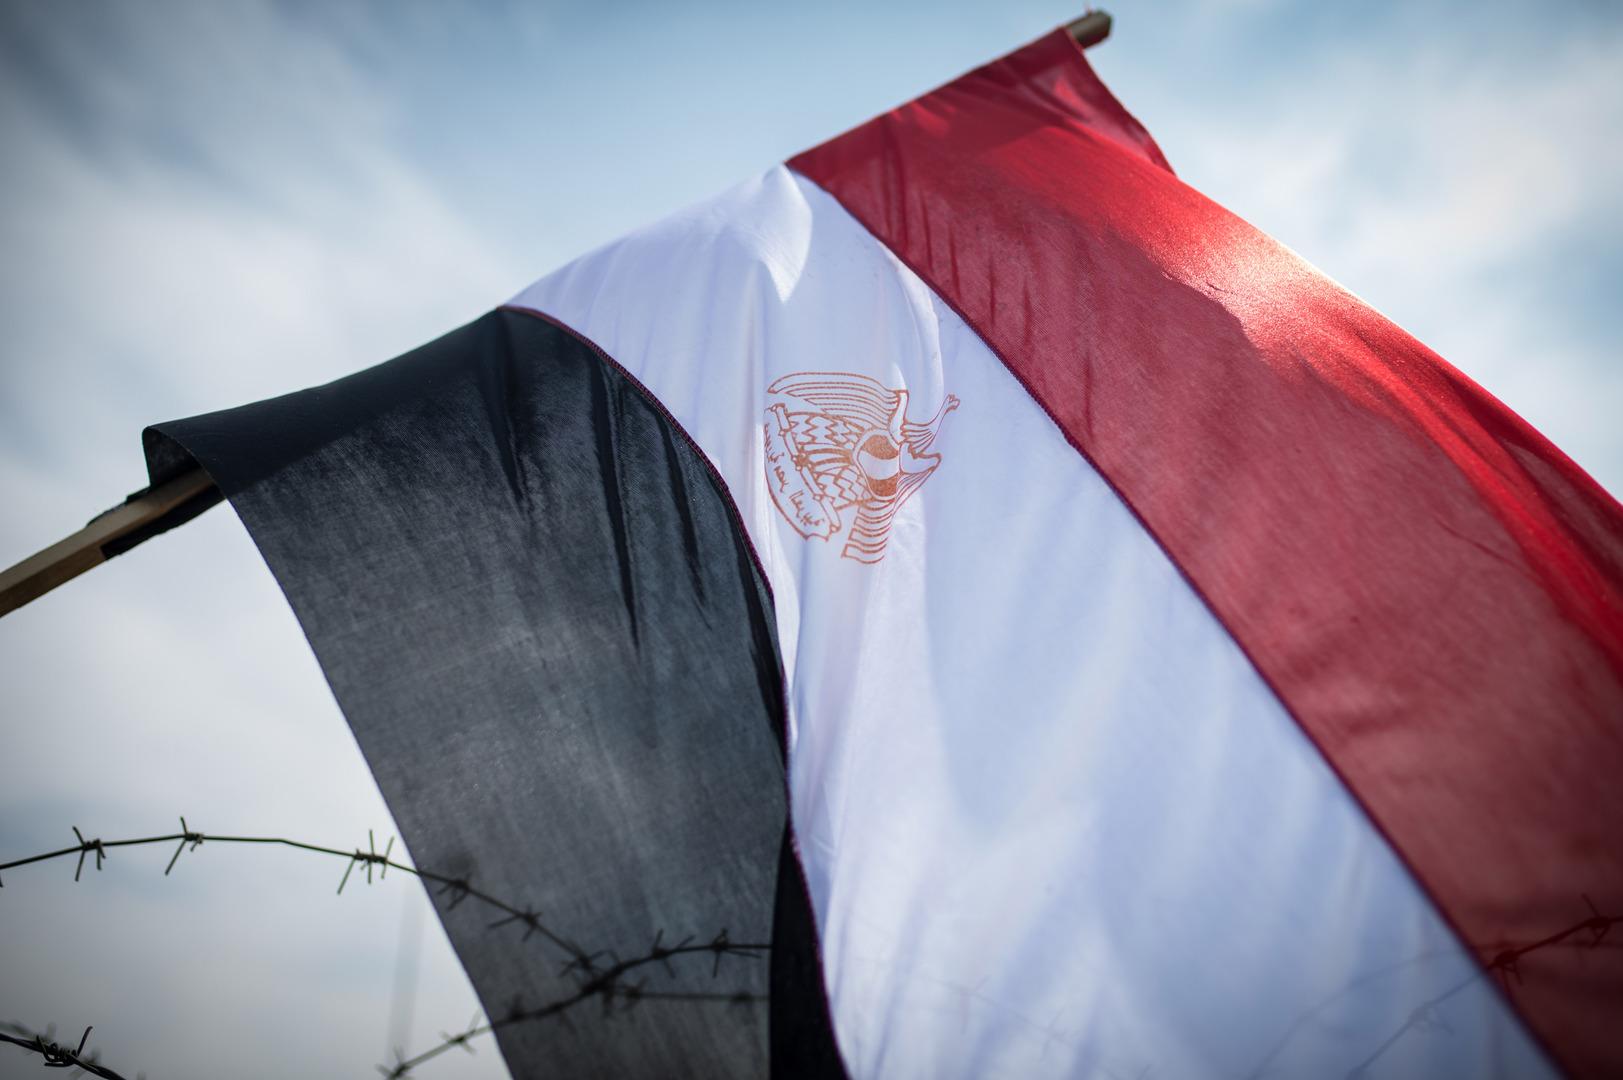 رئيس الوزراء المصري يتحدث عن مشروعات واستثمارات بمليارات الجنيهات في سيناء